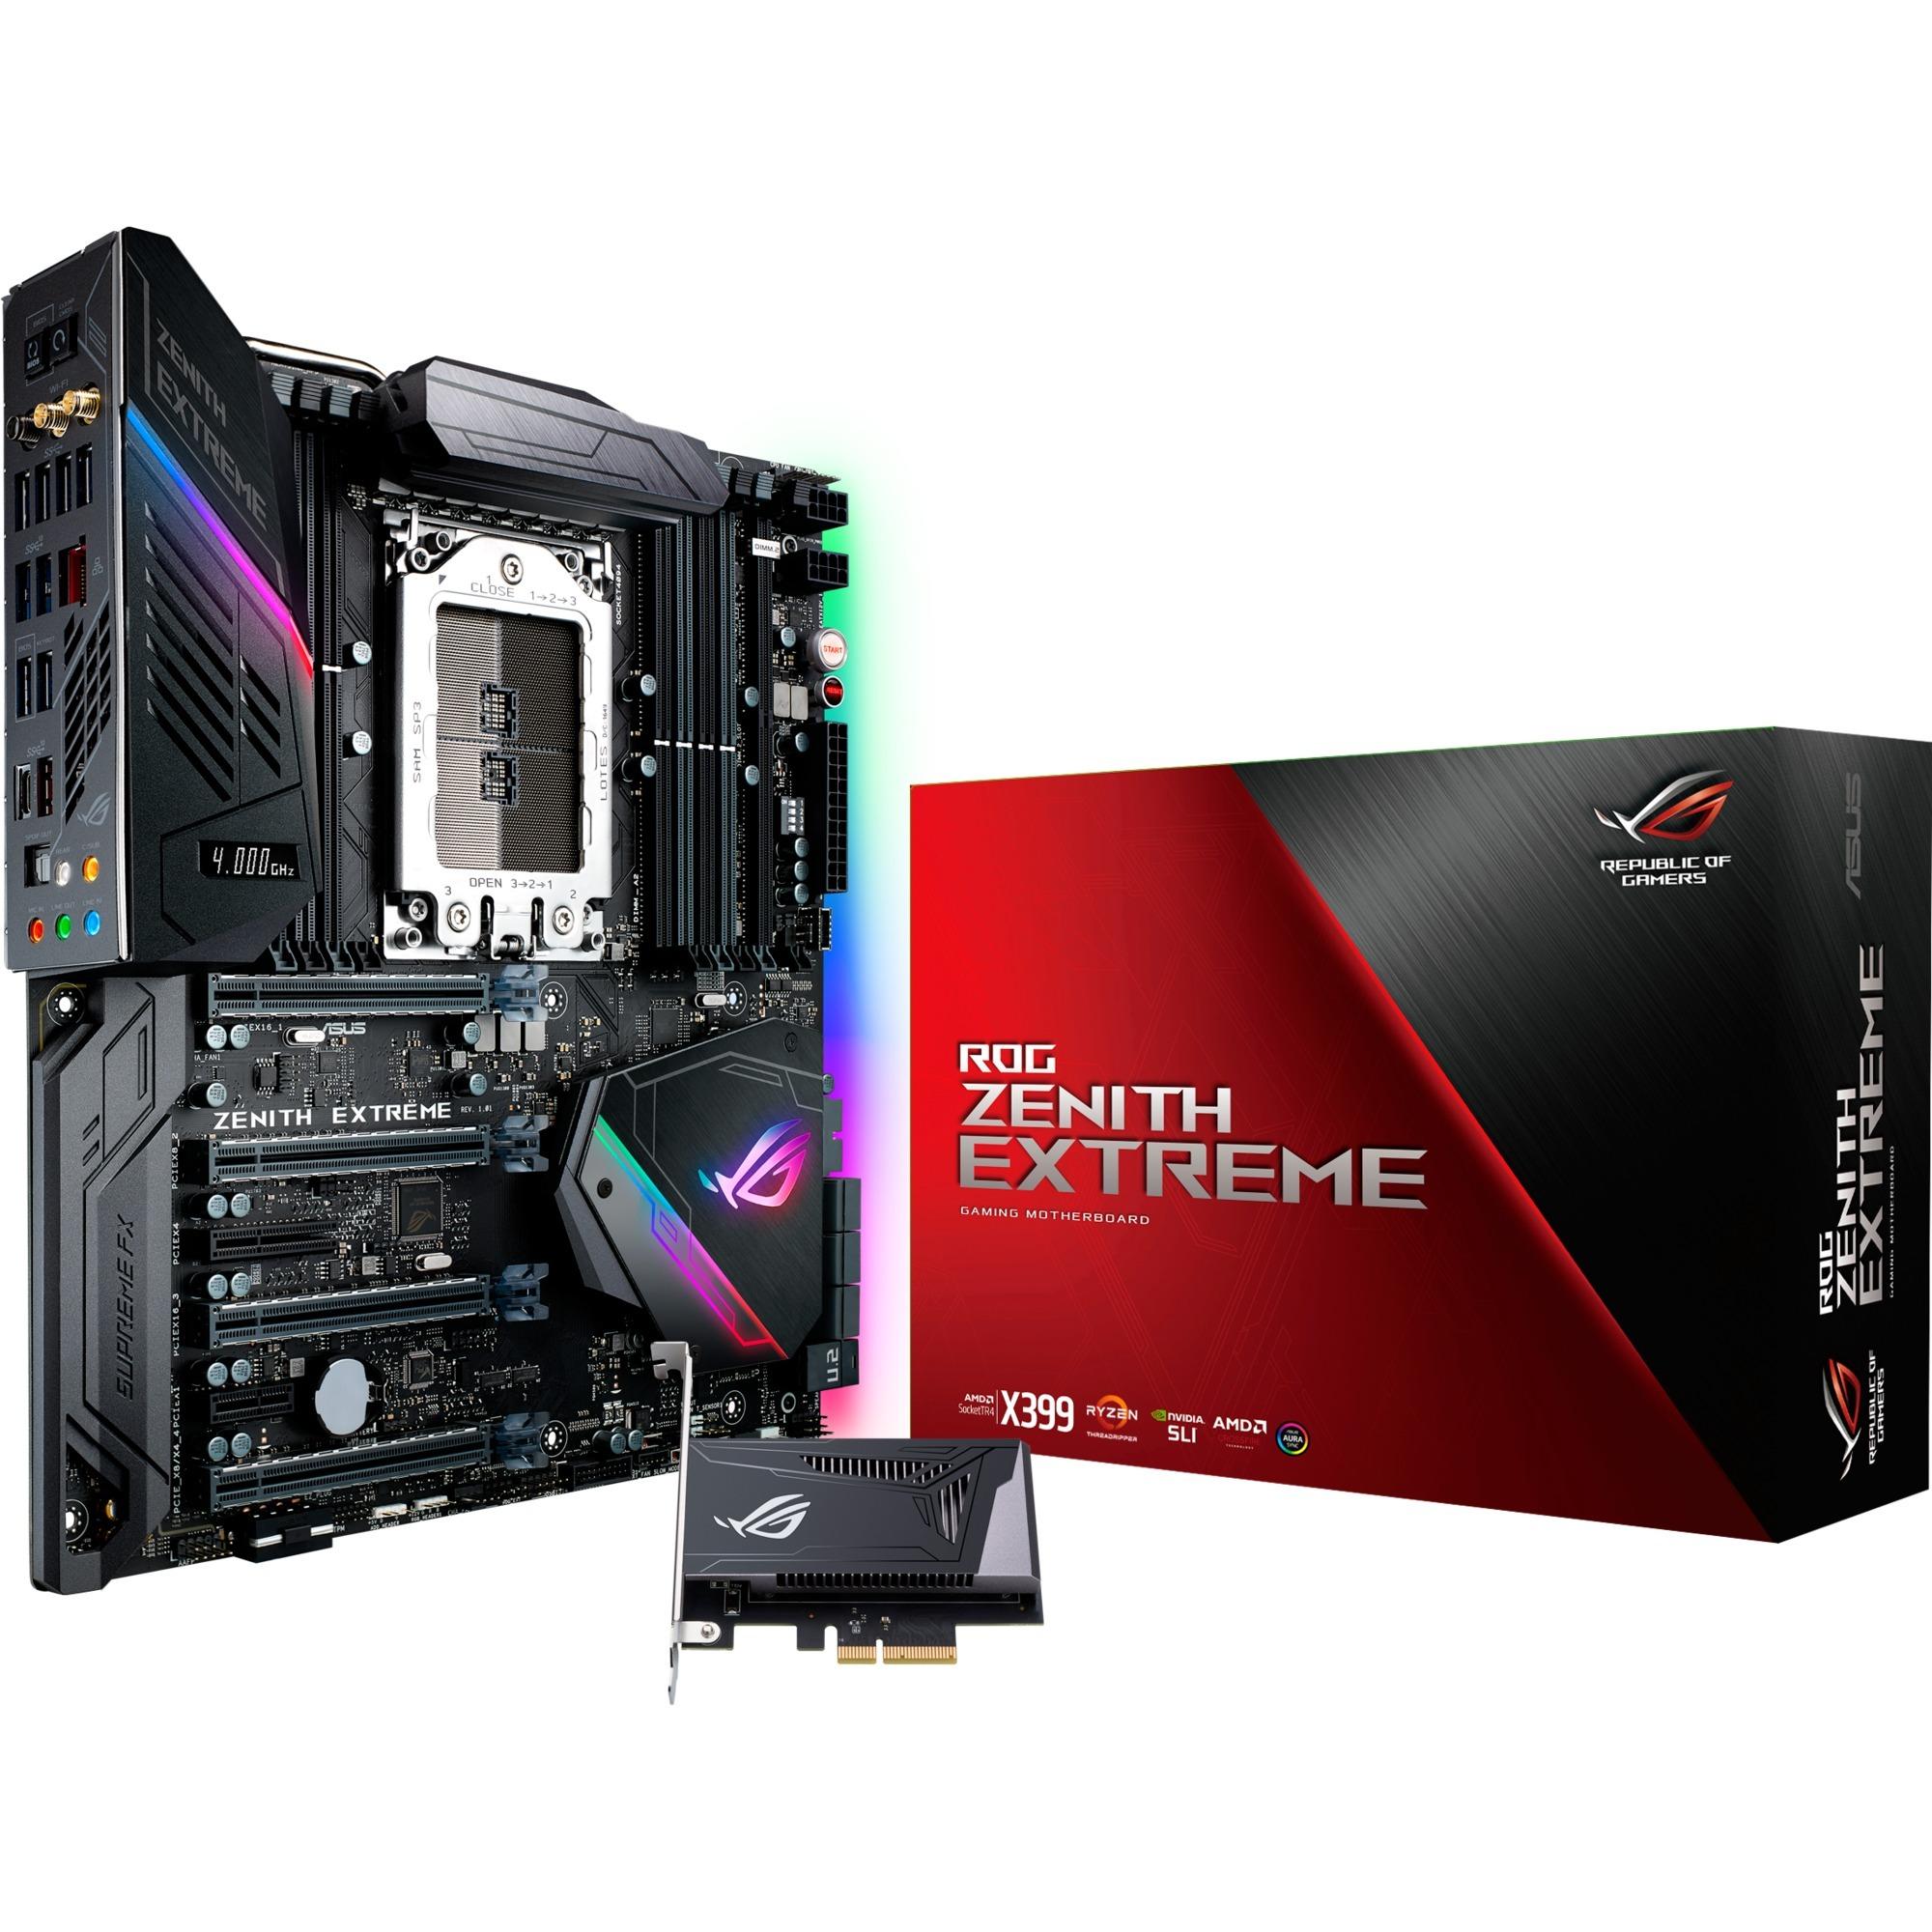 ROG ZENITH EXTREME Socket TR4 AMD X399 ATX extendida, Placa base